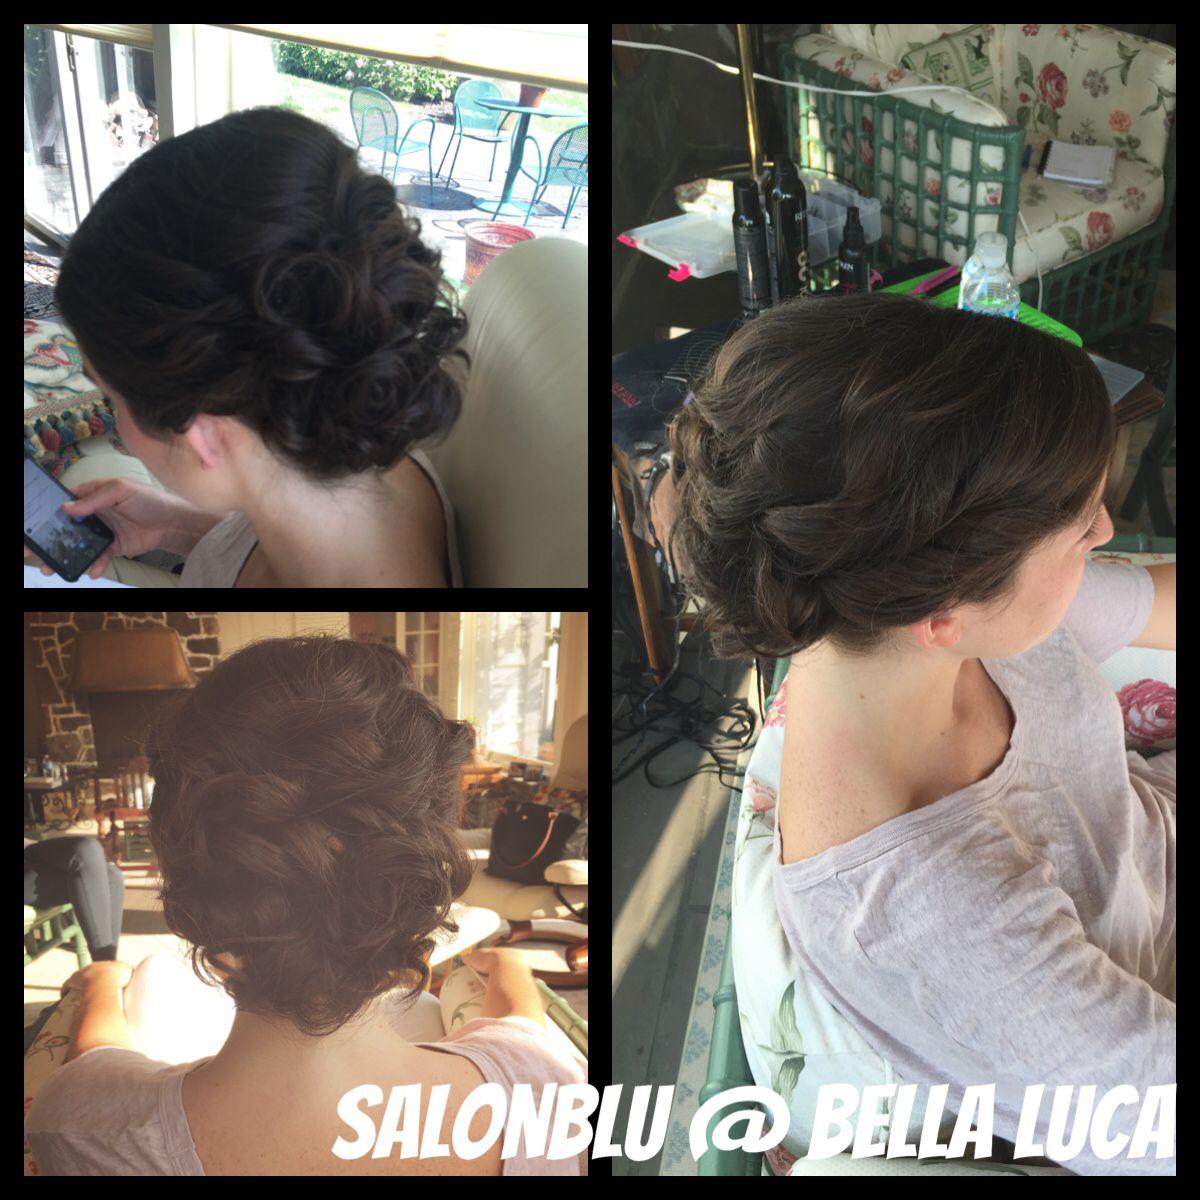 Hair by SalonBlu @ Bella Luca Salon #Bridal #BellaBlu4Hair #BellaBluBeauties onsite wedding call and book! Hair by Kaitlyn Mae